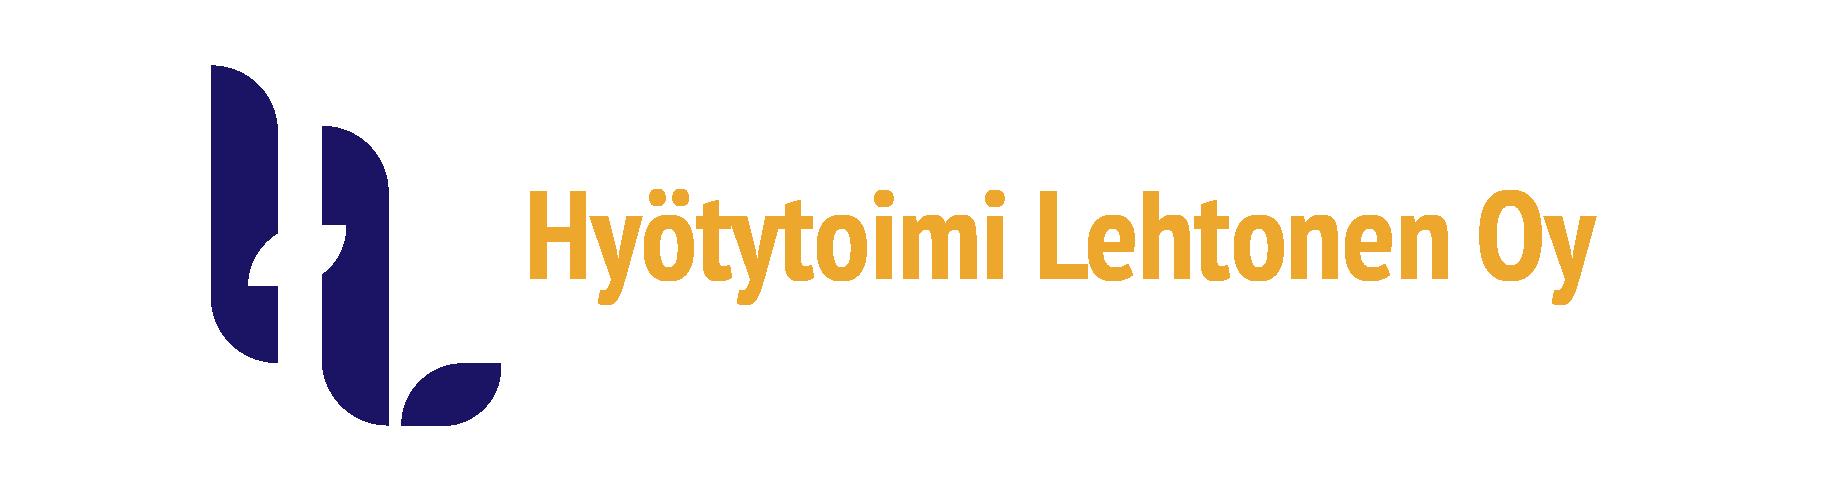 Hyötytoimi Lehtonen Oy logo